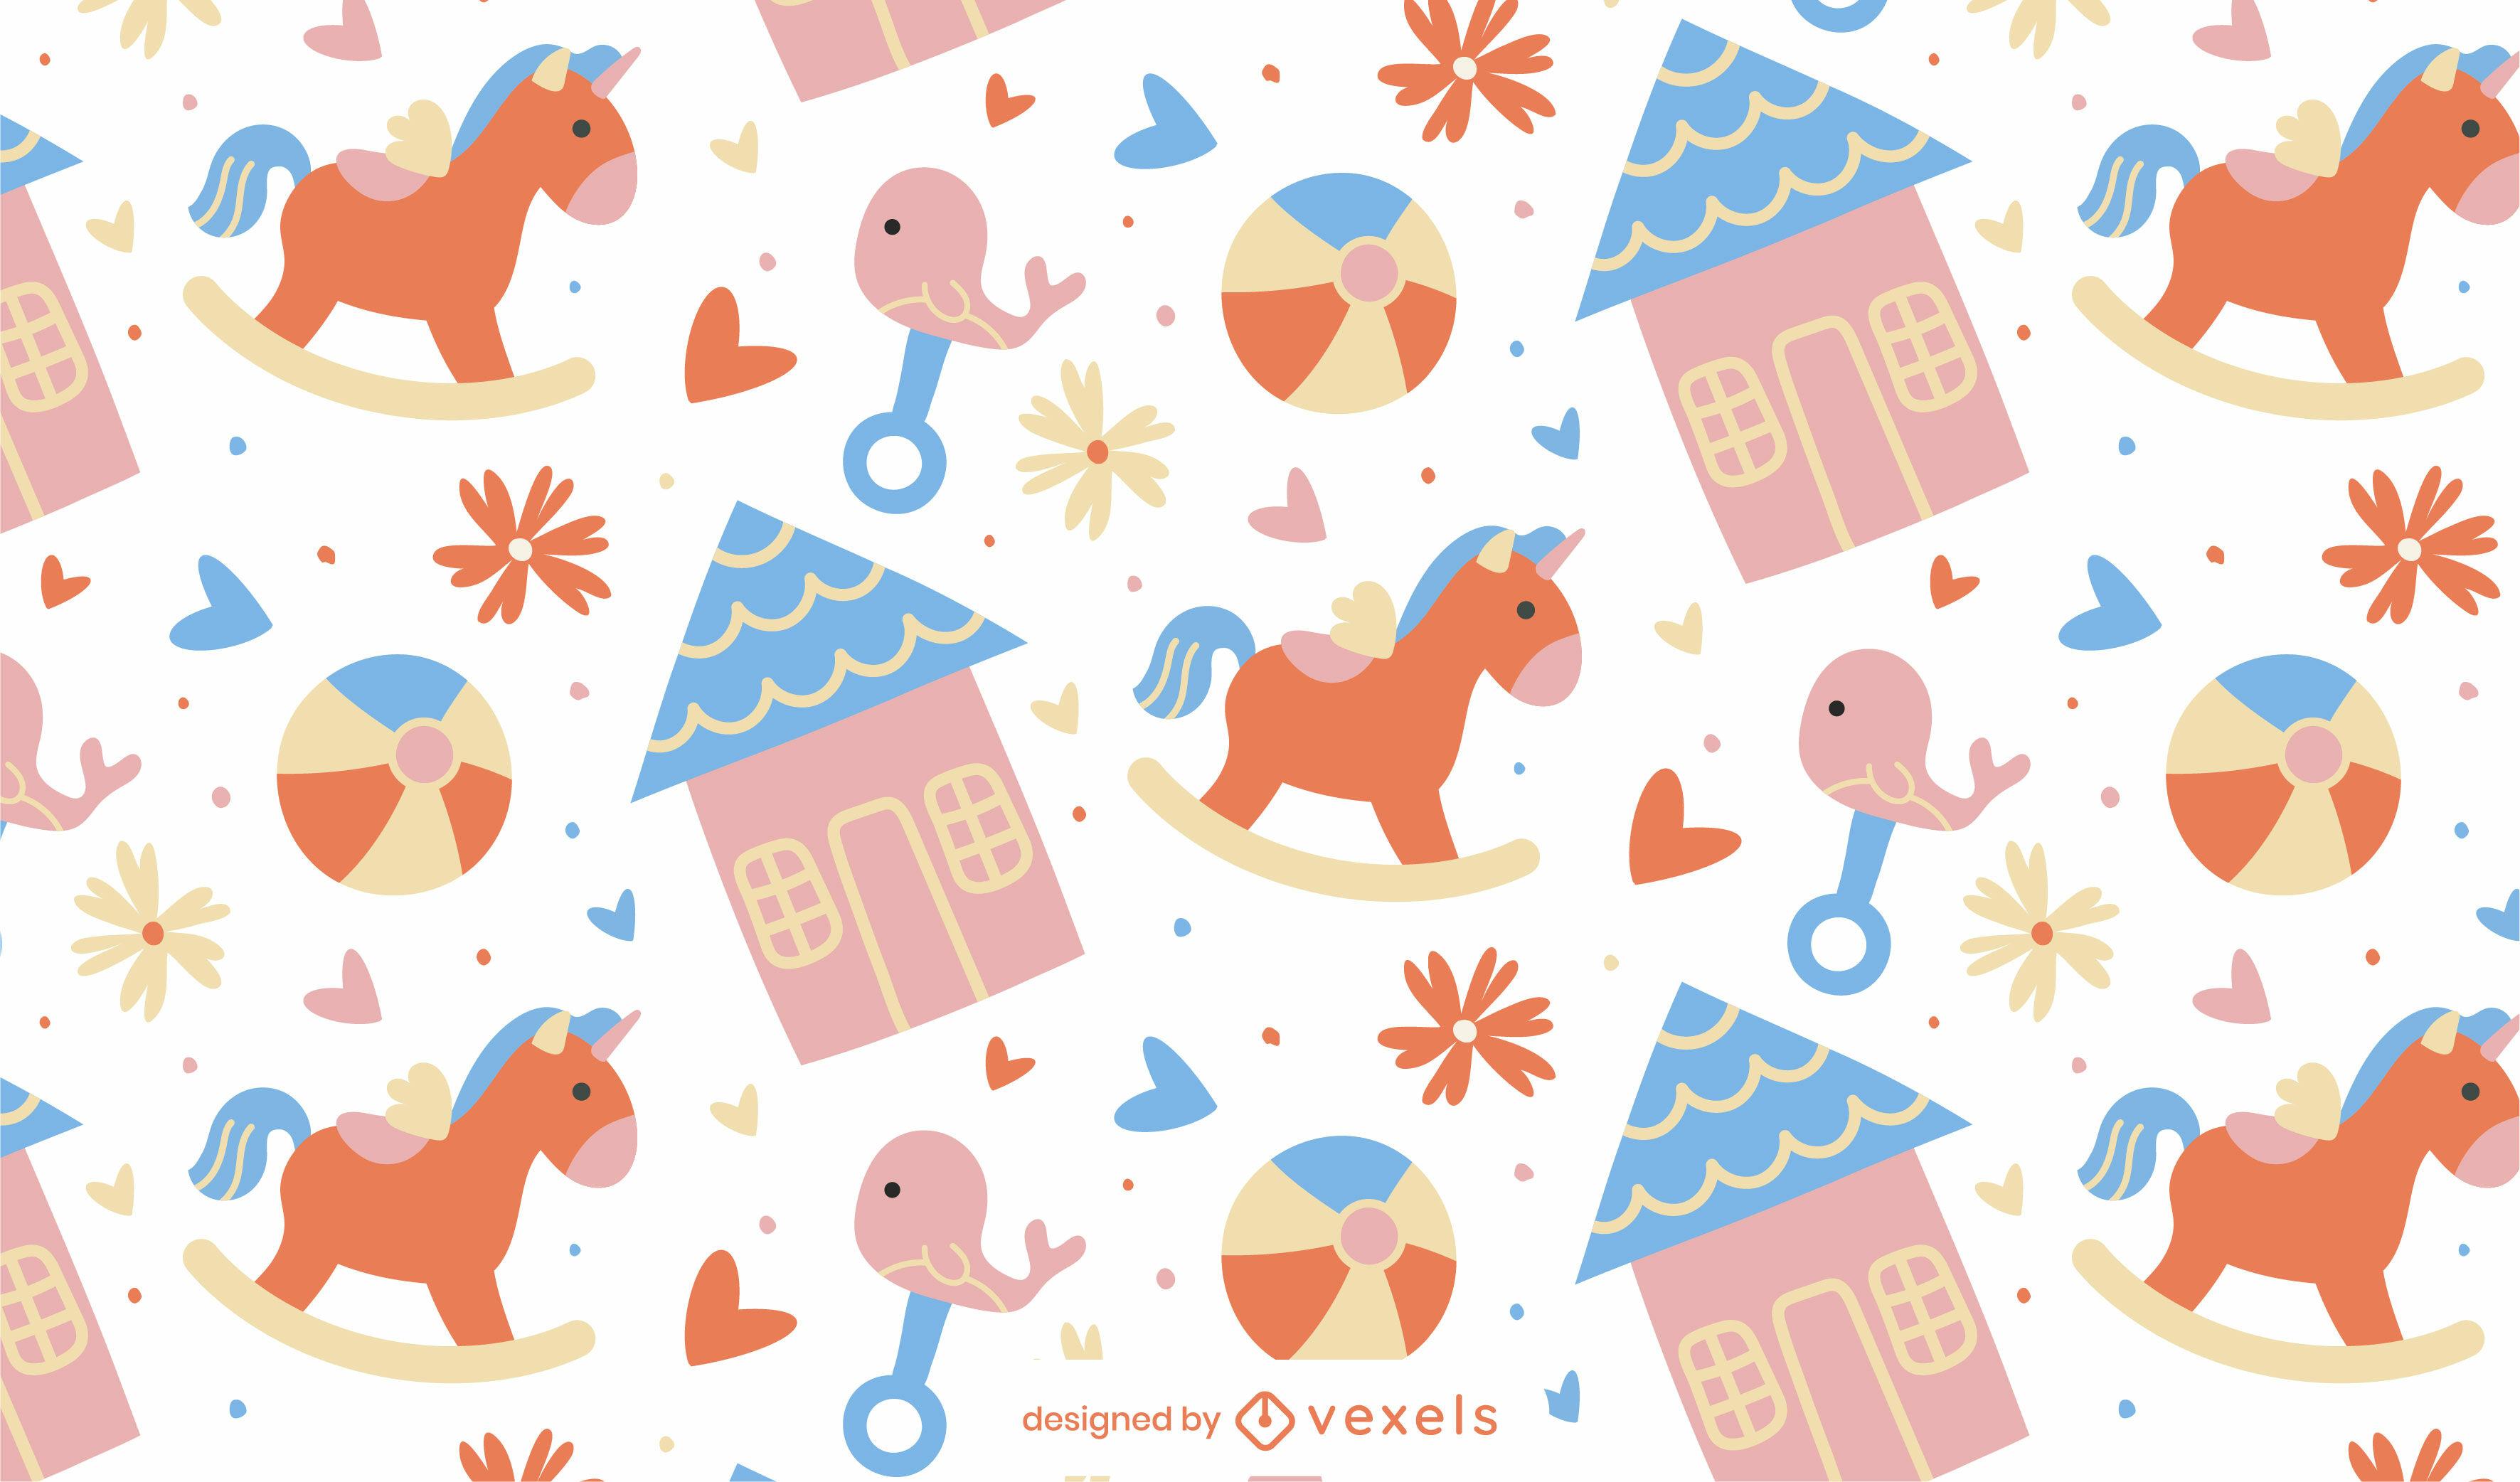 Babies flat toys pattern design